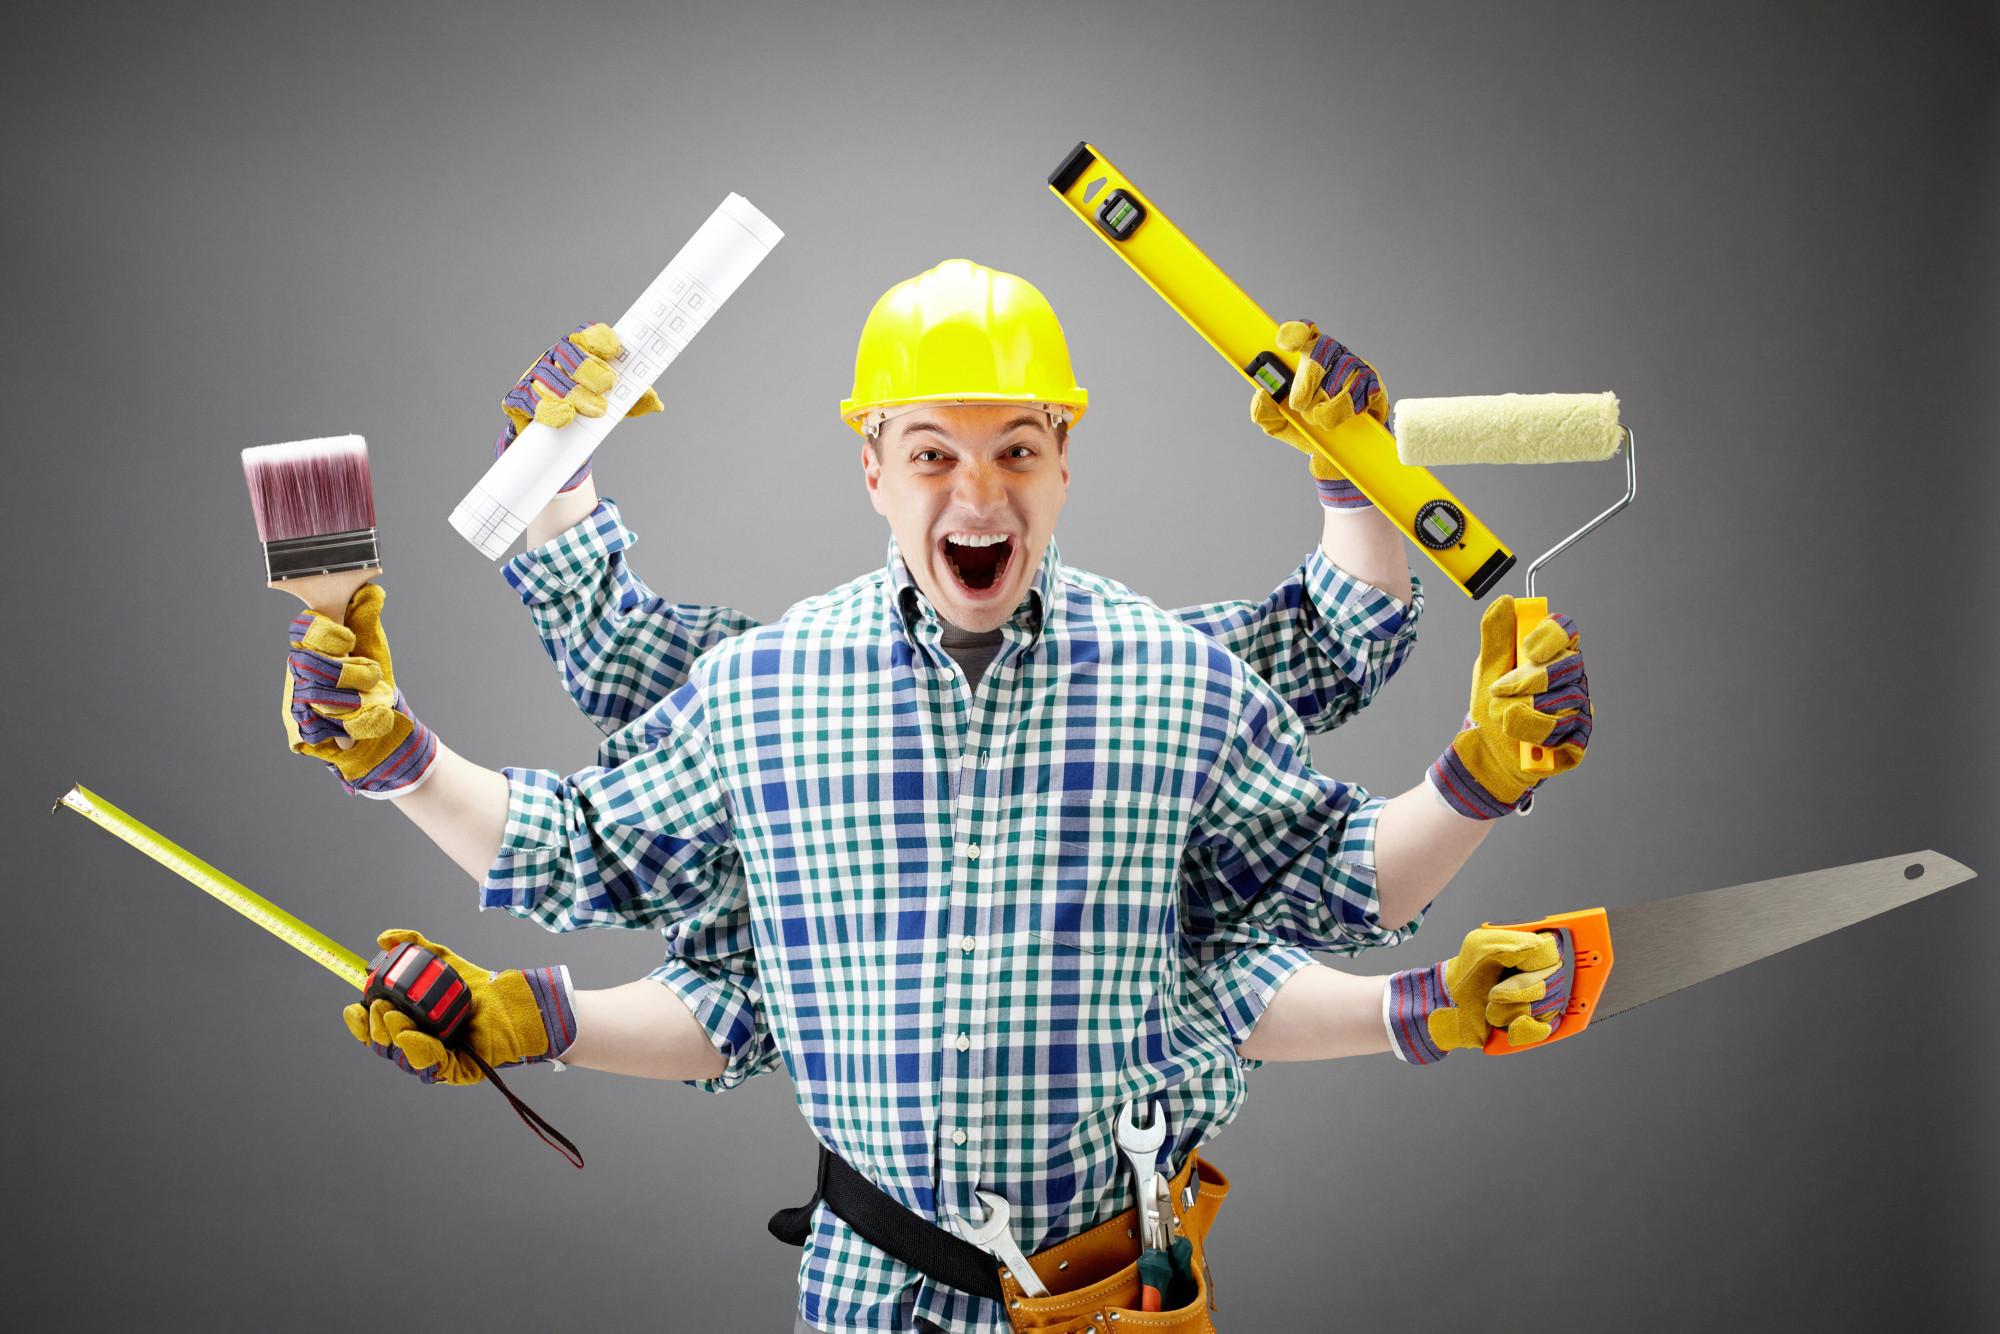 картинки строителей отделочников прикольные нашем сайте можете